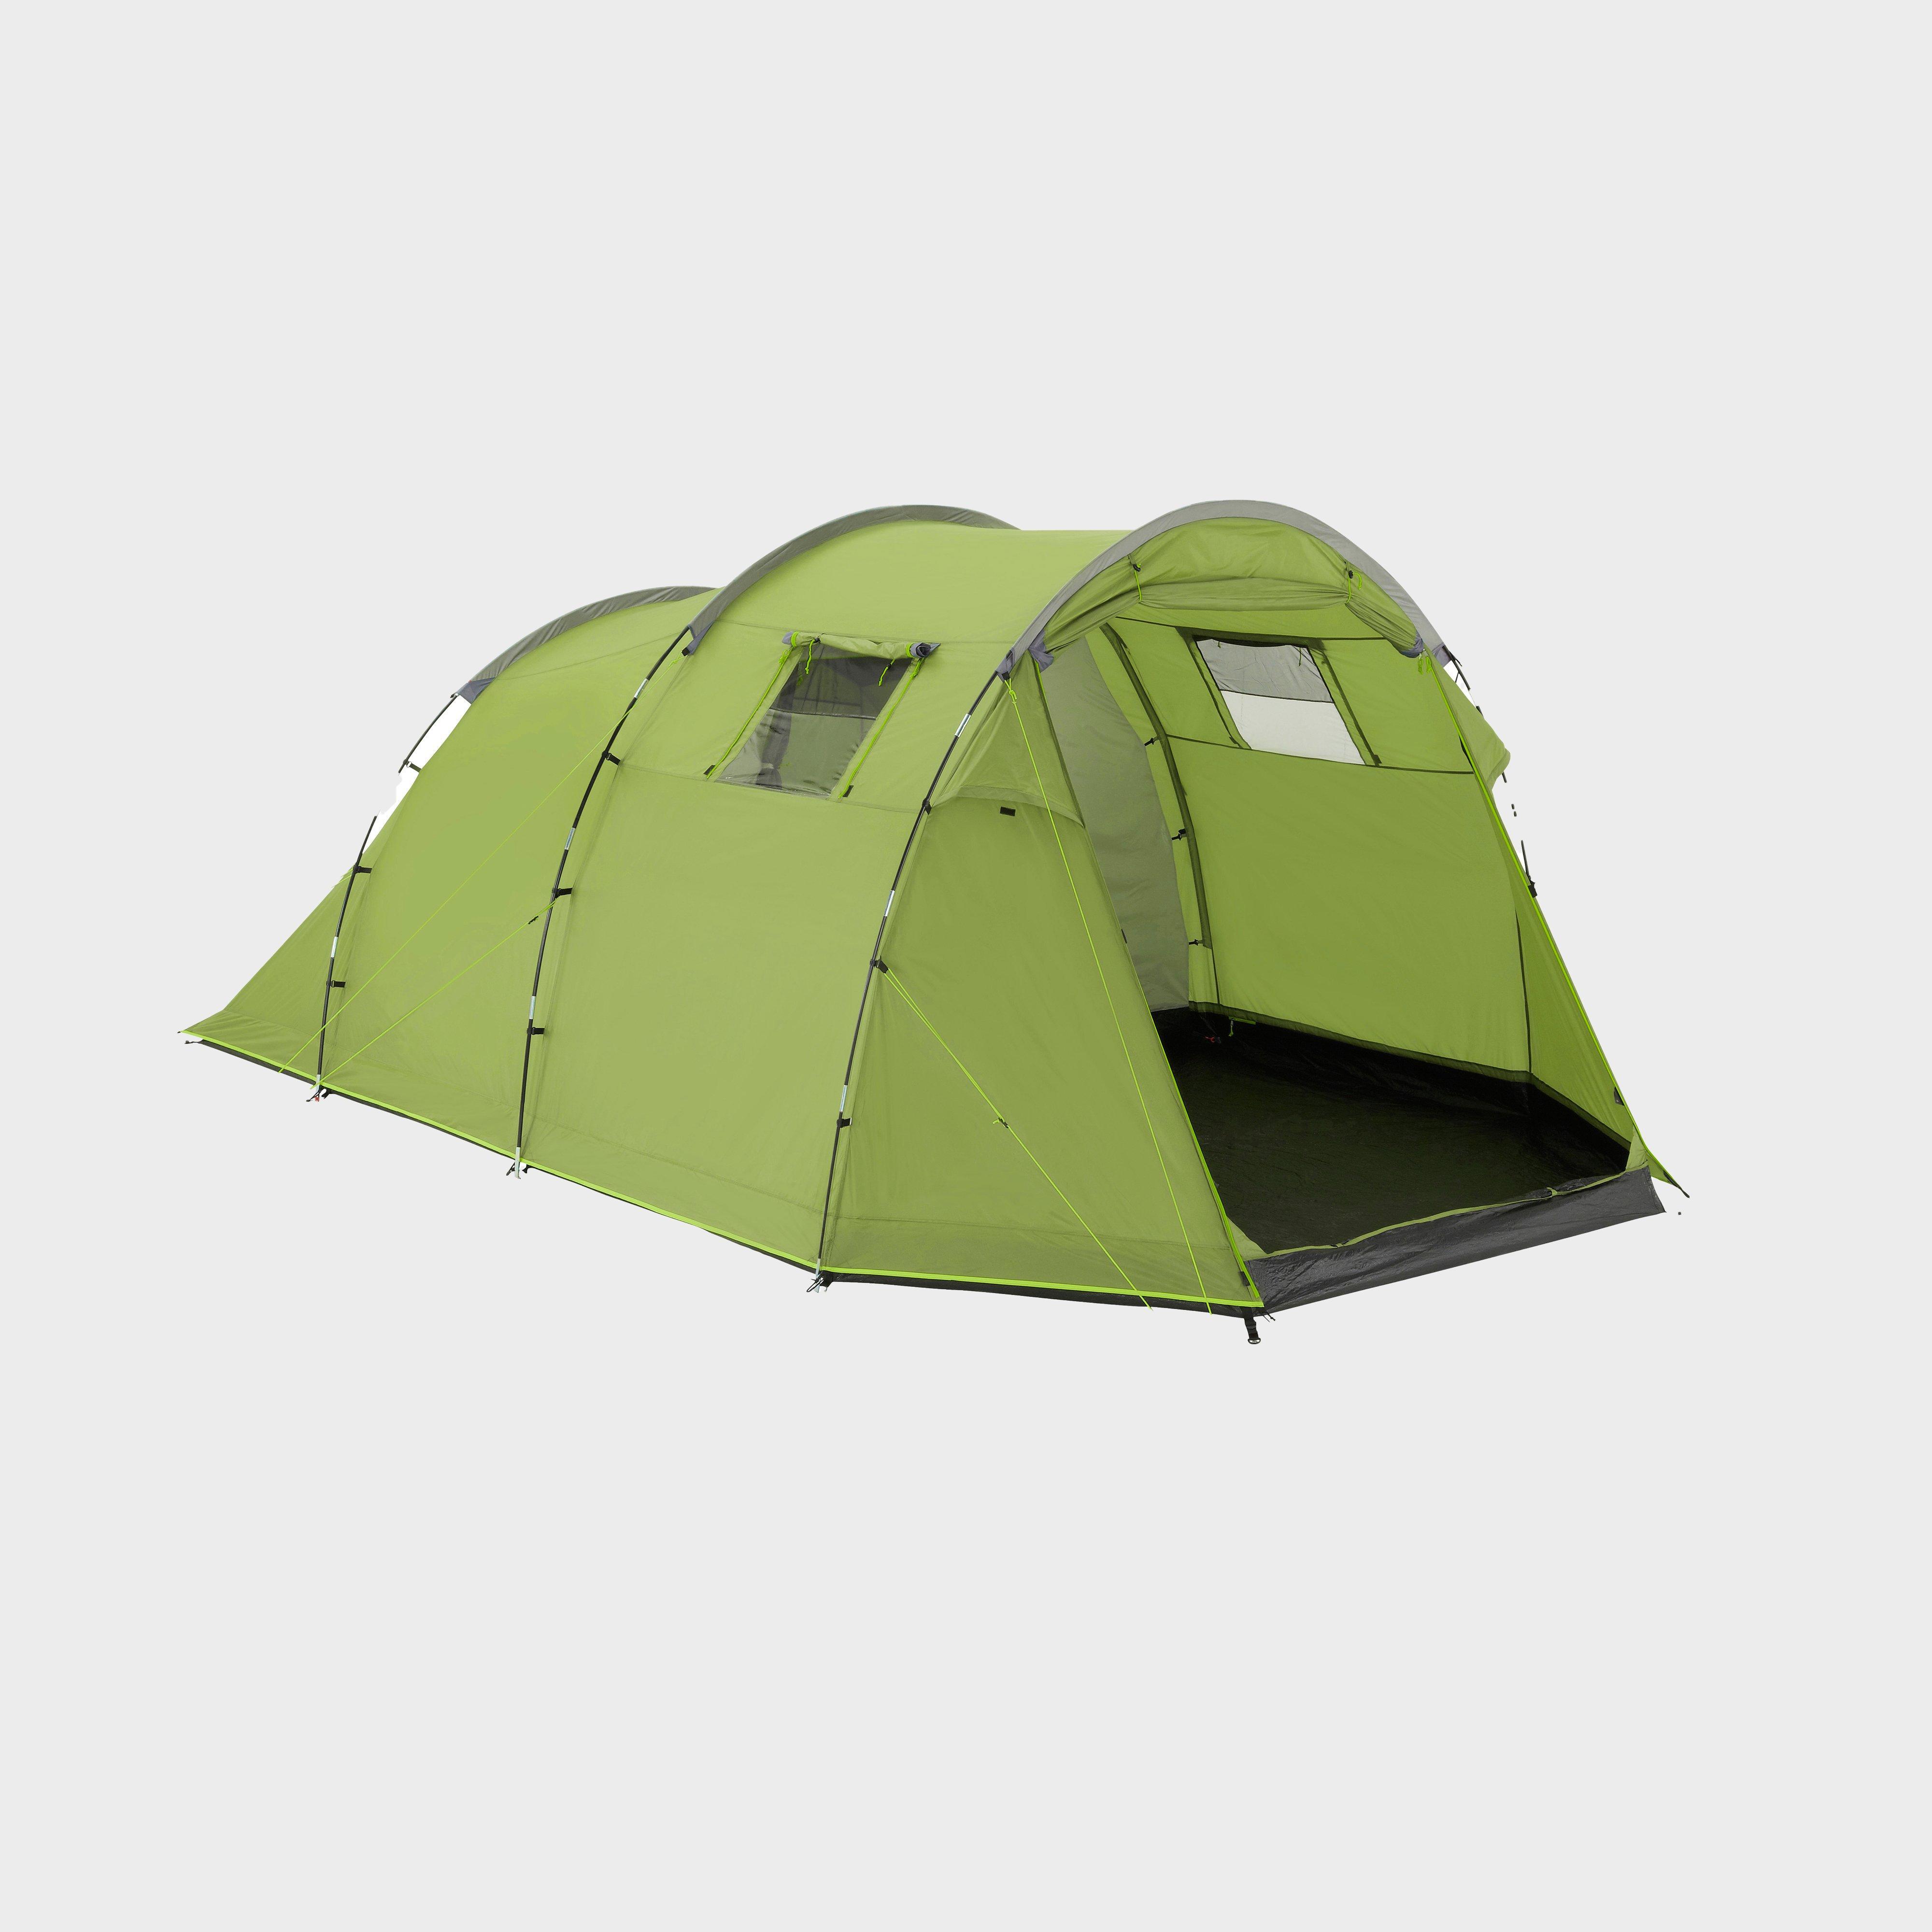 Eurohike Sendero 6 Family Tent - Grn/Grn, GRN/GRN